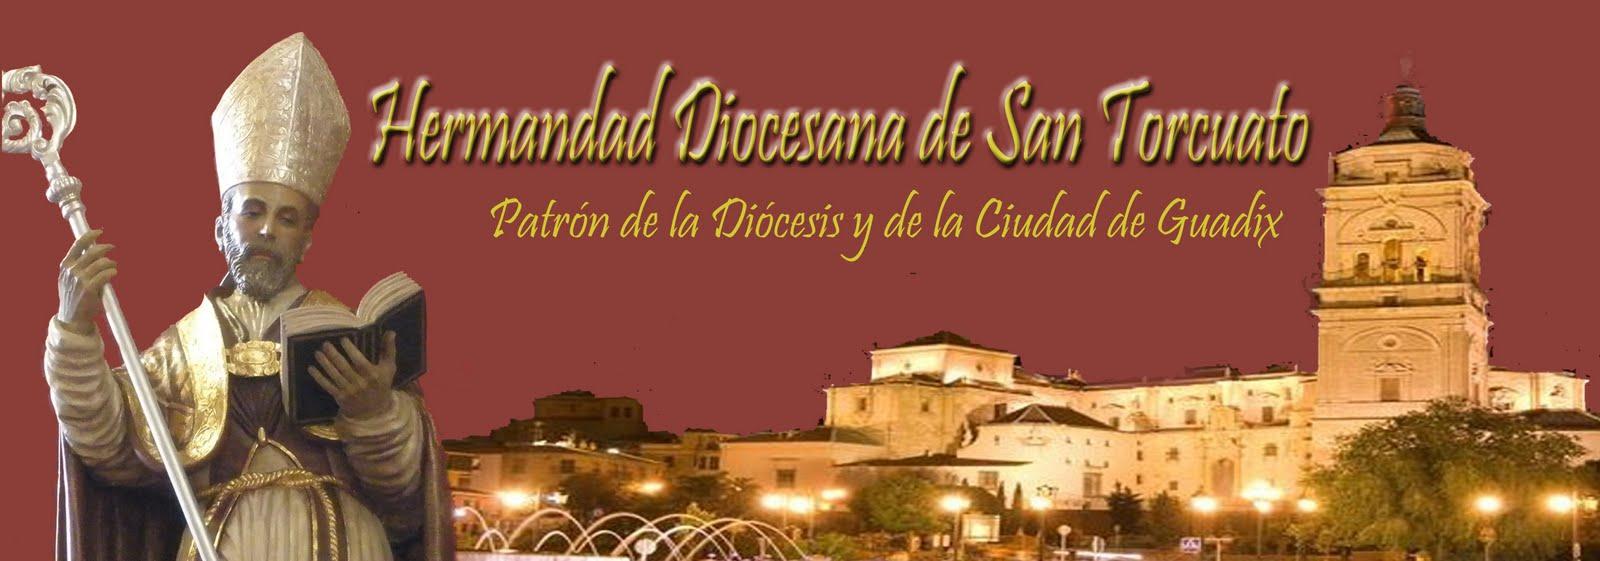 Hermandad Diocesana de San Torcuato